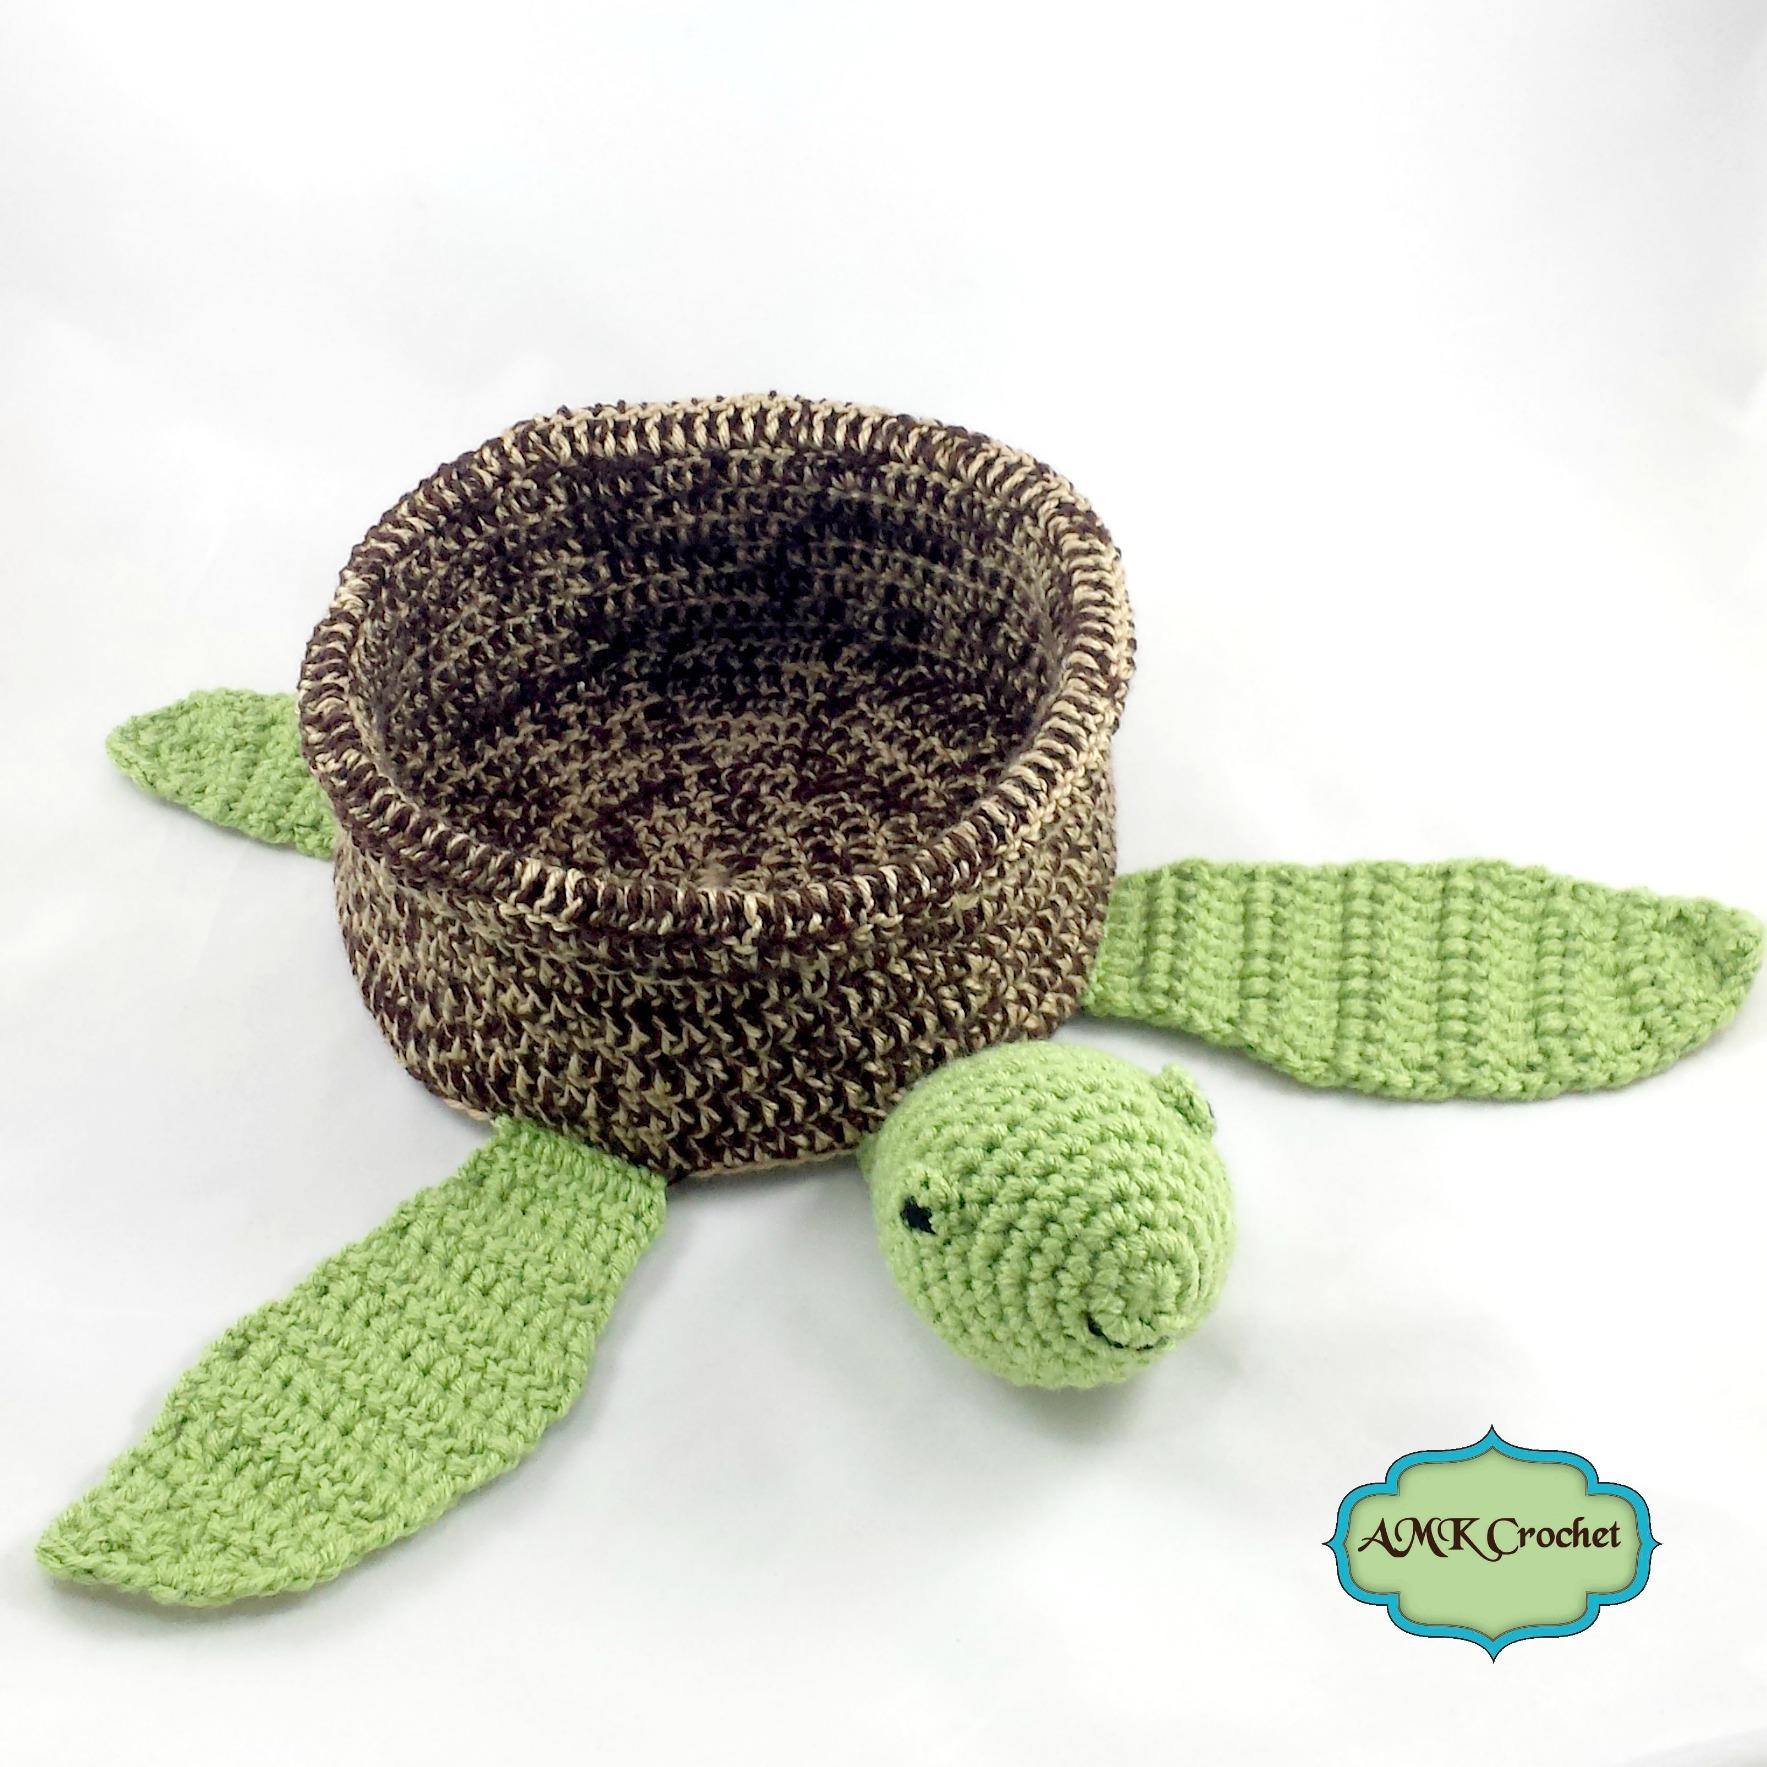 Crochet Baby Sea Turtle Basket Pattern | AMK Crochet